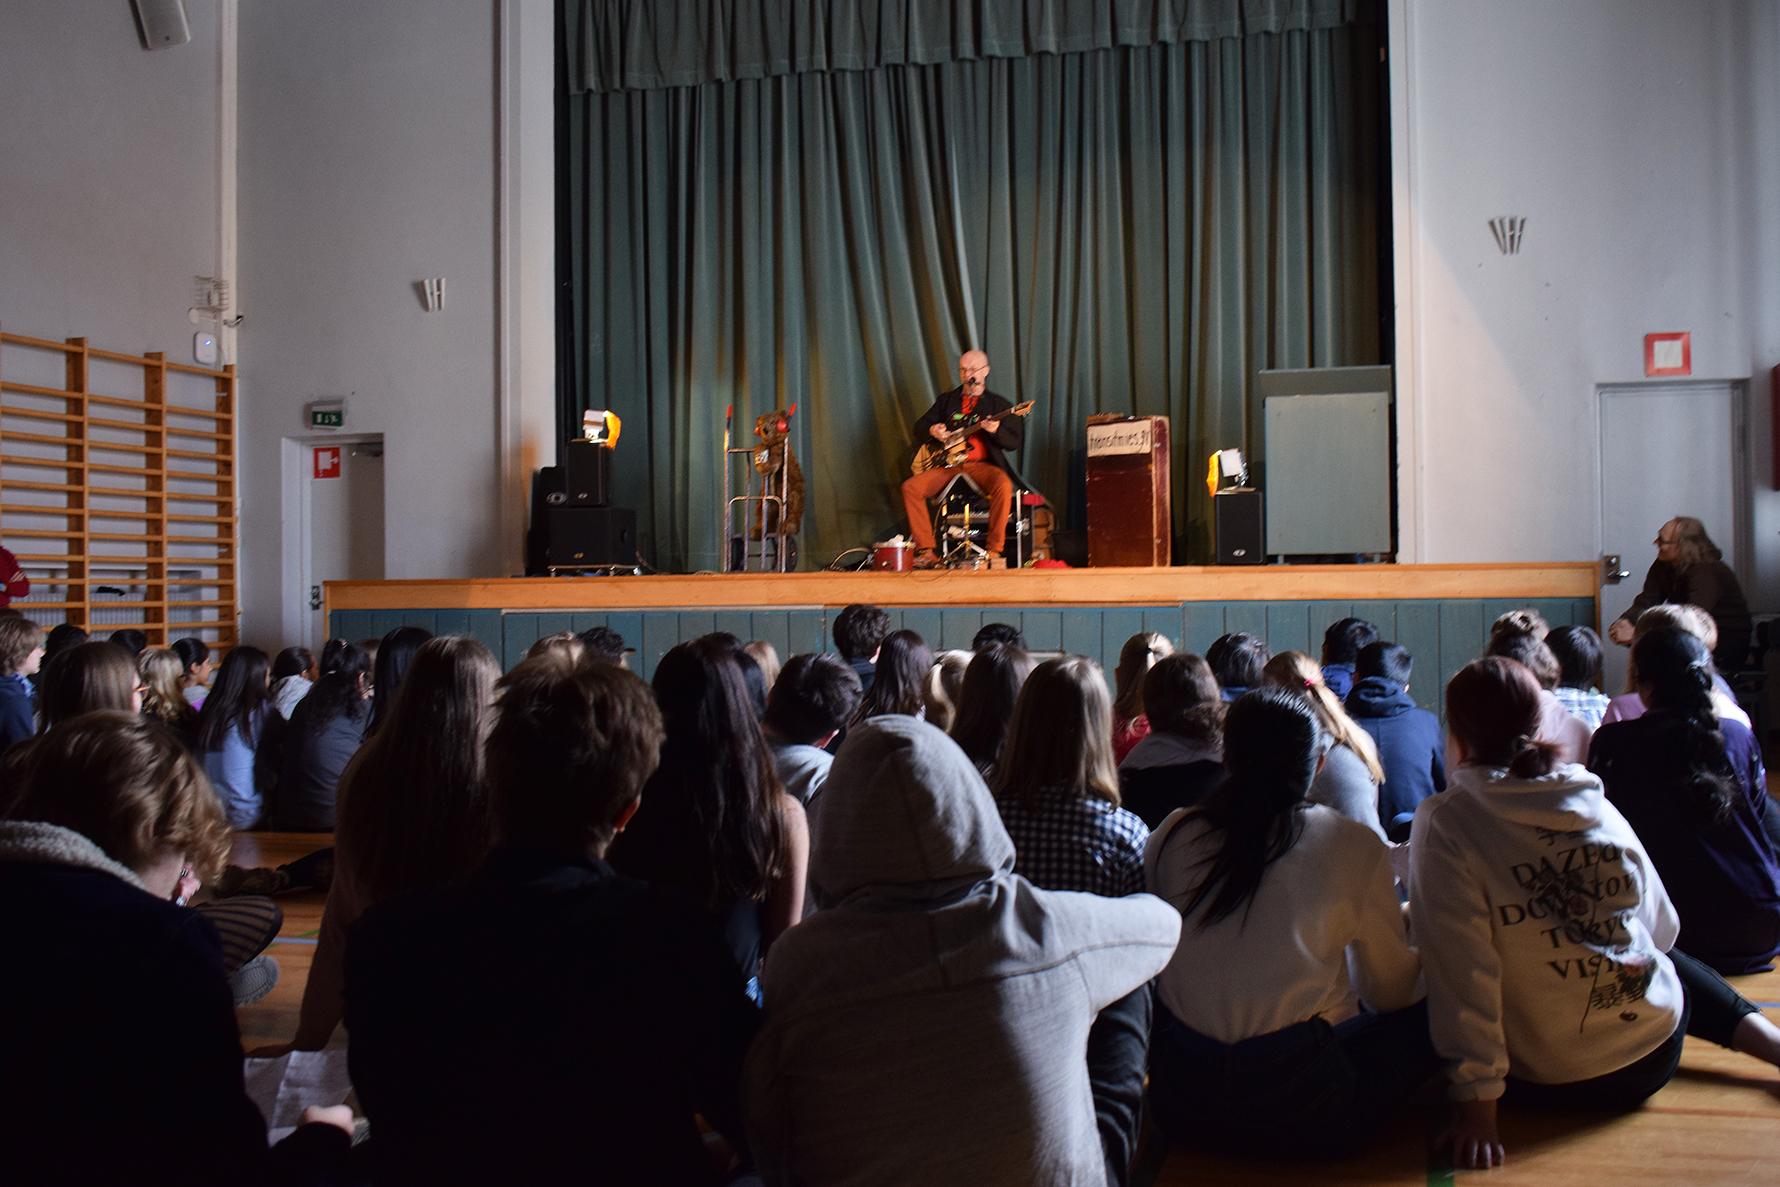 Yhden Joukon Yhtyeen koulukonsertti Ressun peruskoulun salissa.